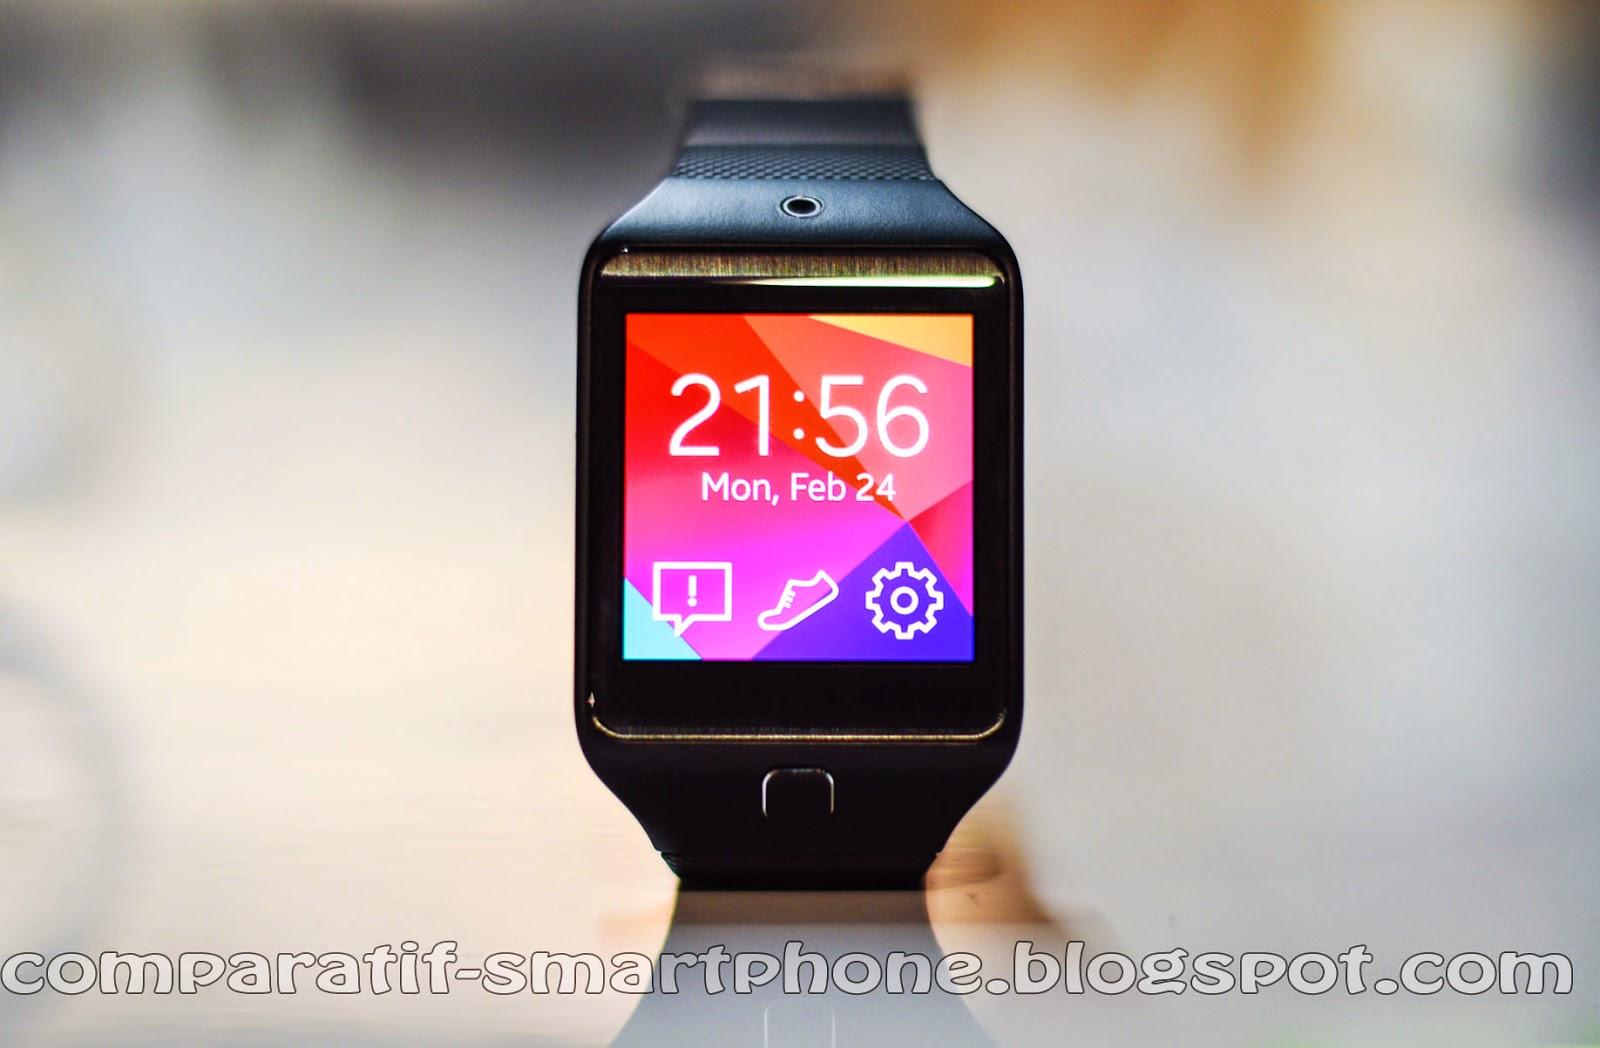 Galaxy Gear Prix - Tout Sur Samsung Galaxy Gear, Prix, Caractéristiques, Fiche Technique, Détails